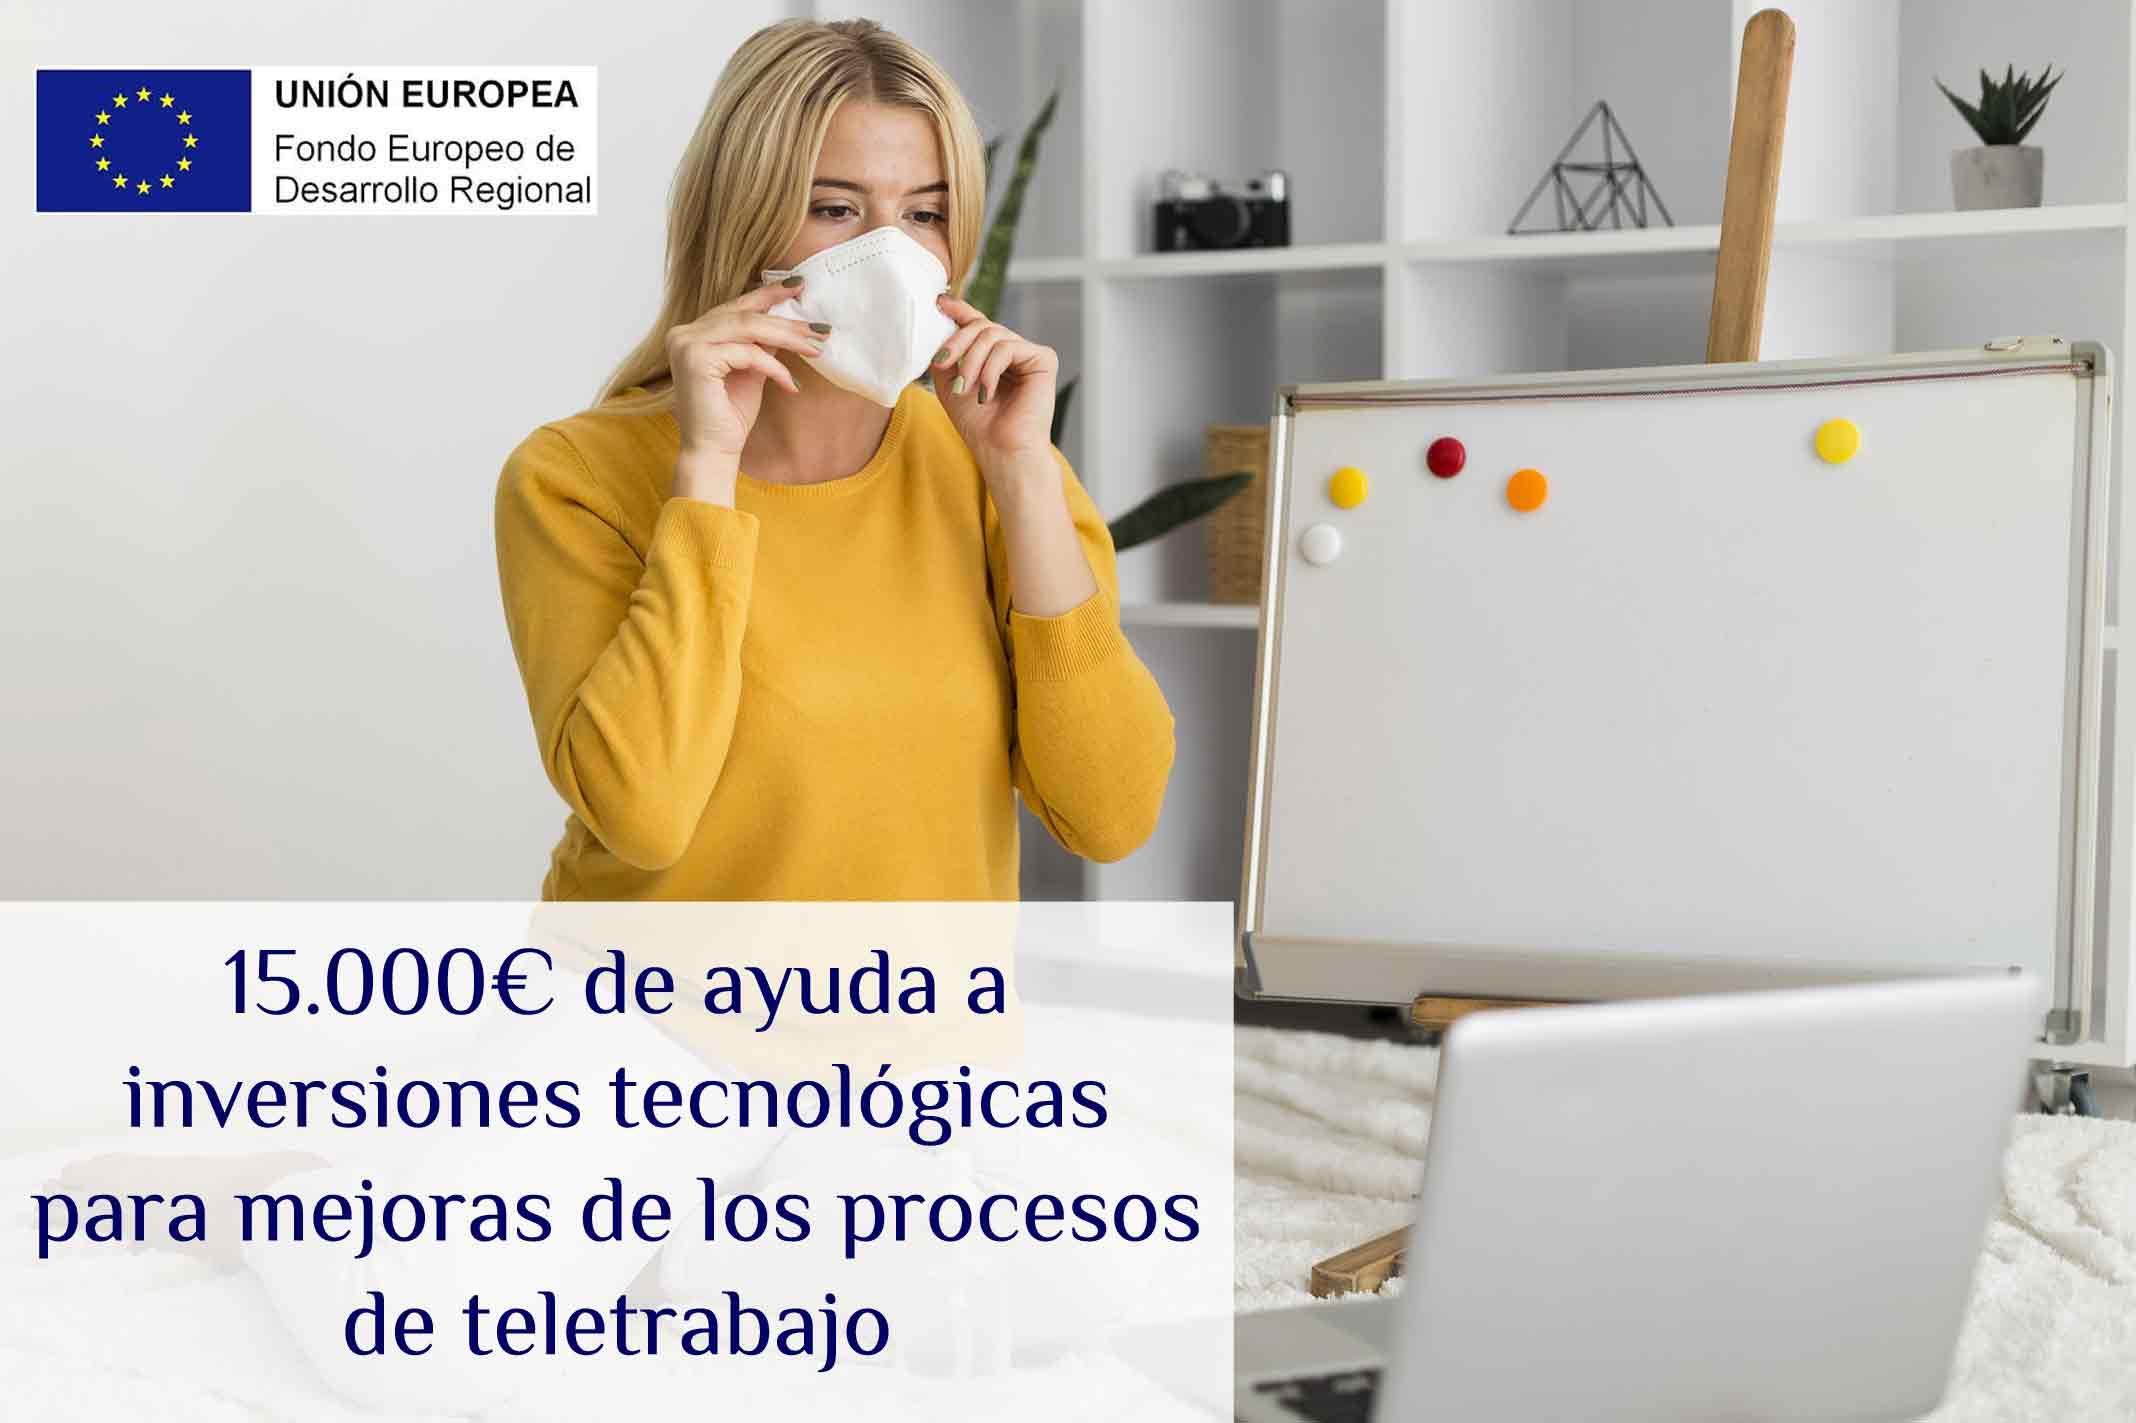 15.000€ de ayudas a inversiones tecnológicas para mejoras de los procesos de teletrabajo.